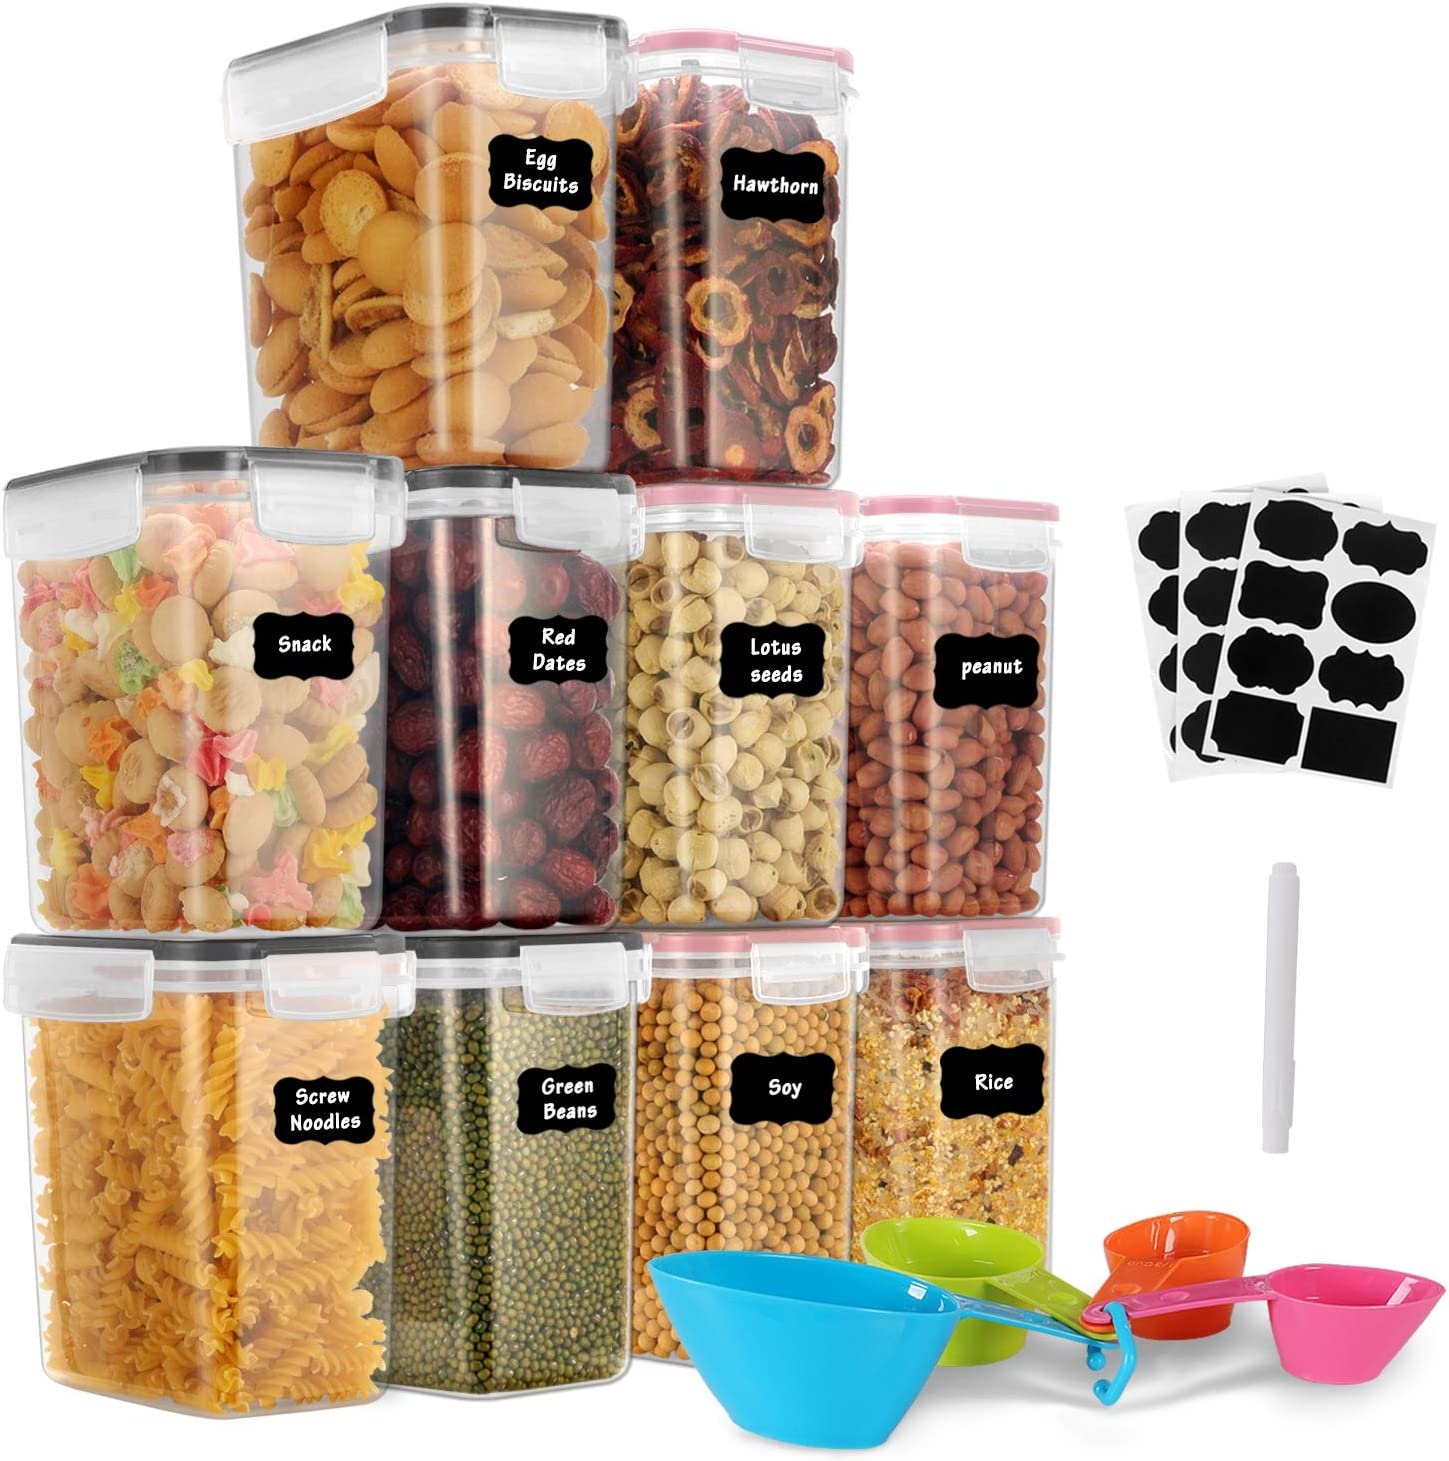 Sealed Vorratsdose Lebensmittel Transparentes Vorratsbeh/älter mit Deckel Snap-in Versiegelter Tank Aufbewahrungsglas Lagertanks Frischhaltendosen Vorratsdosen Rose Comie Aufbewahrungsbox